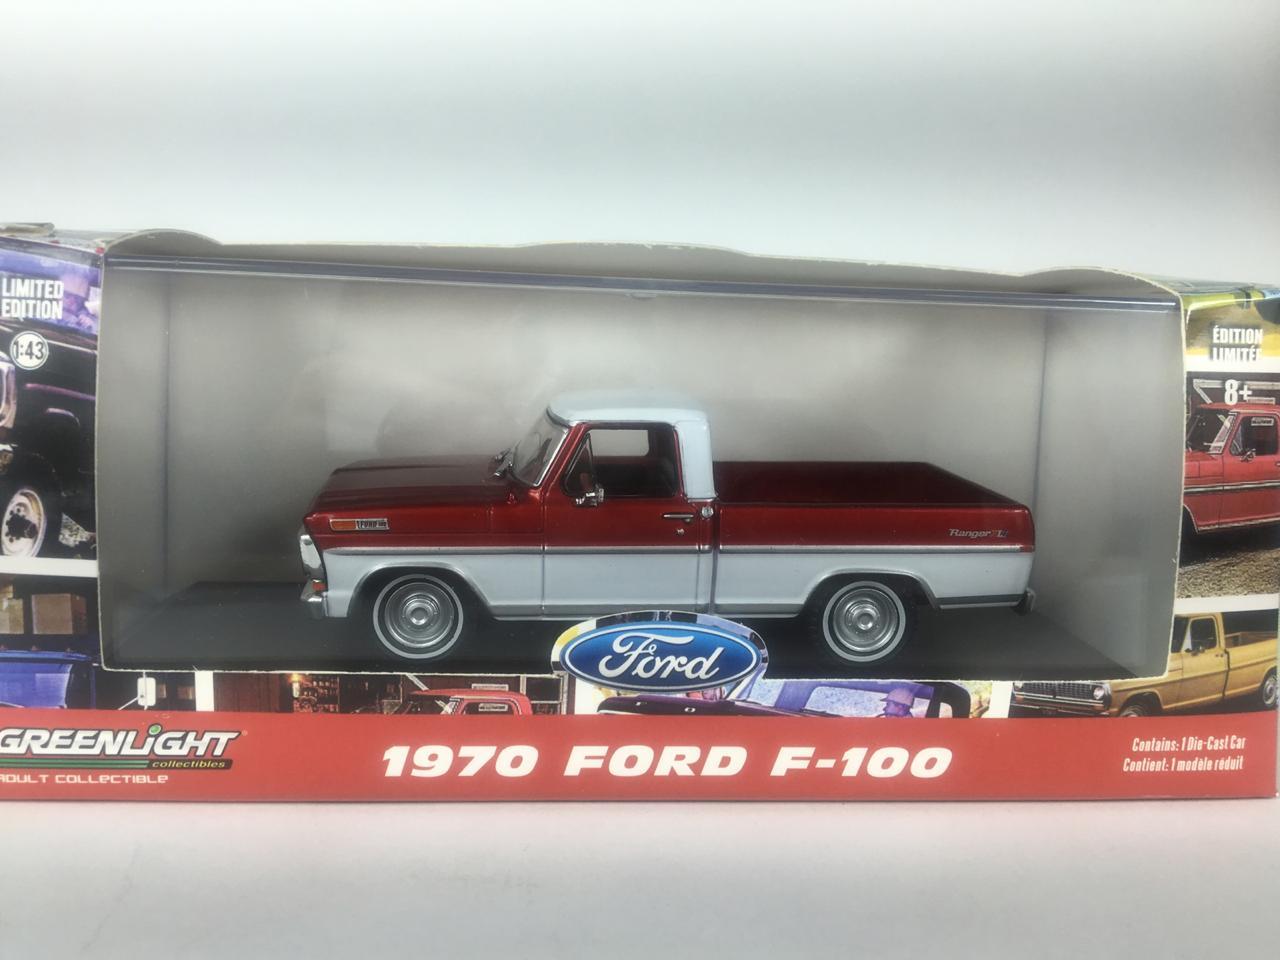 Miniatura Ford F-100 1970 Vermelha 1/43 Greenlight